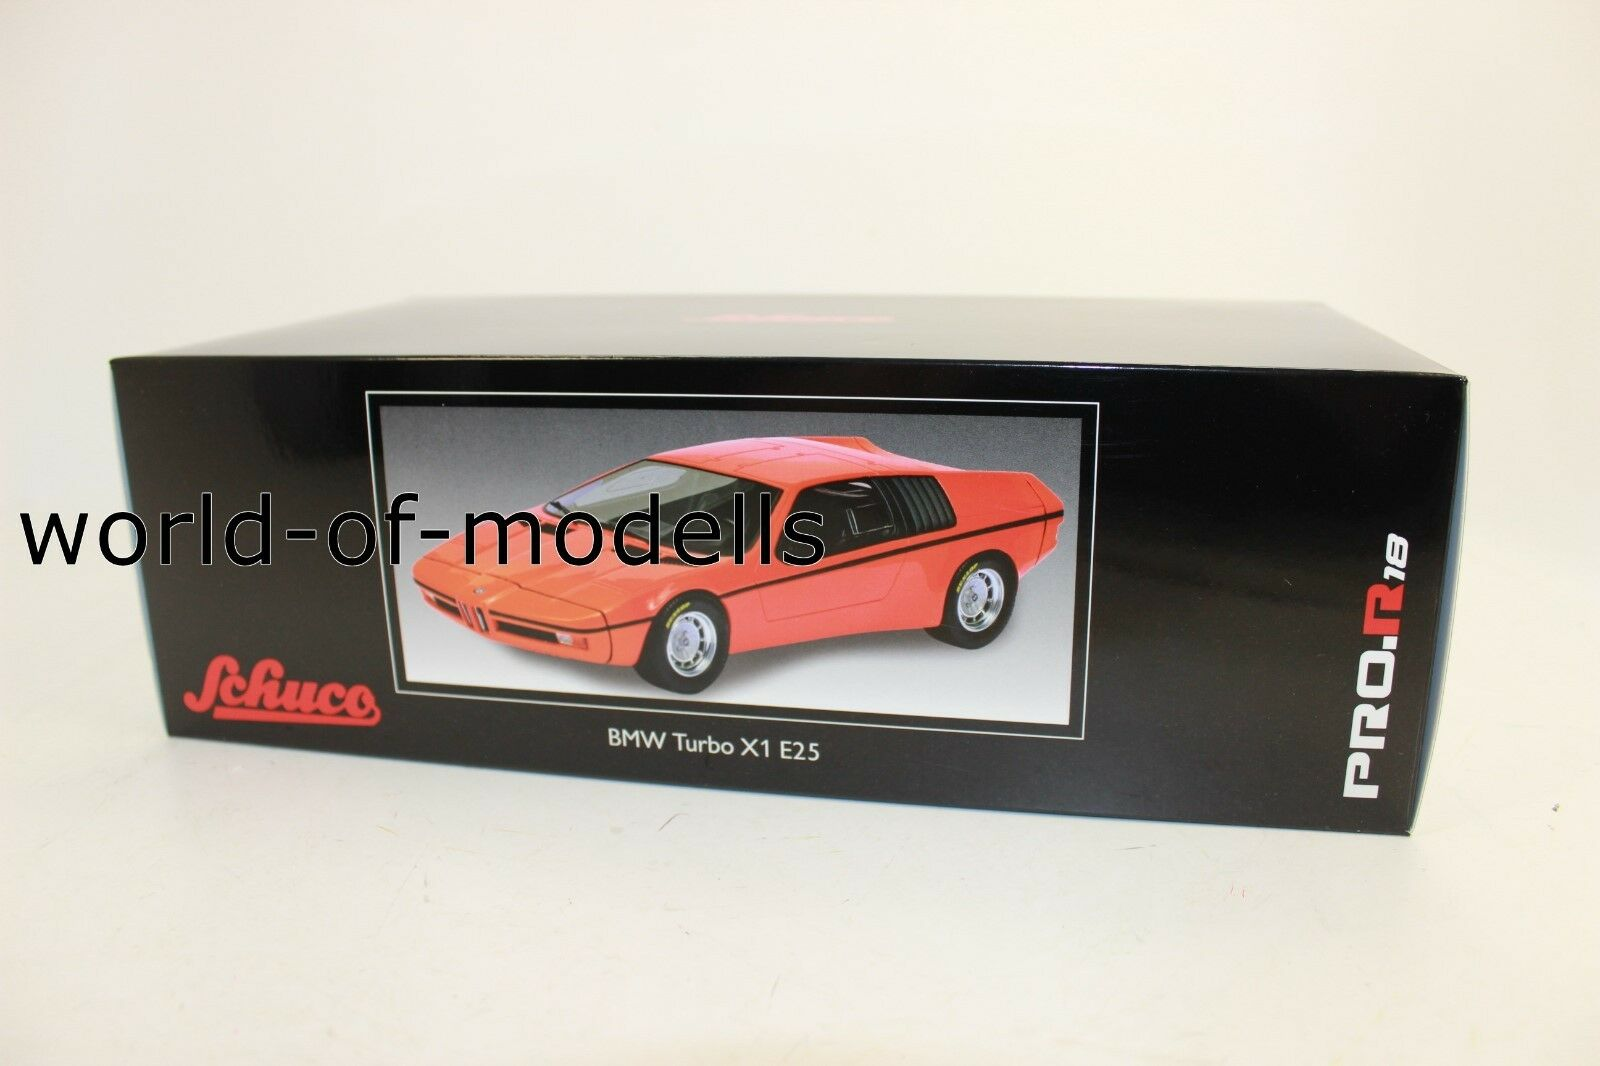 Schuco 450008900 BMW Turbo X1 E25 orange Schuco 1 18 NEW WITH ORIGINAL BOX